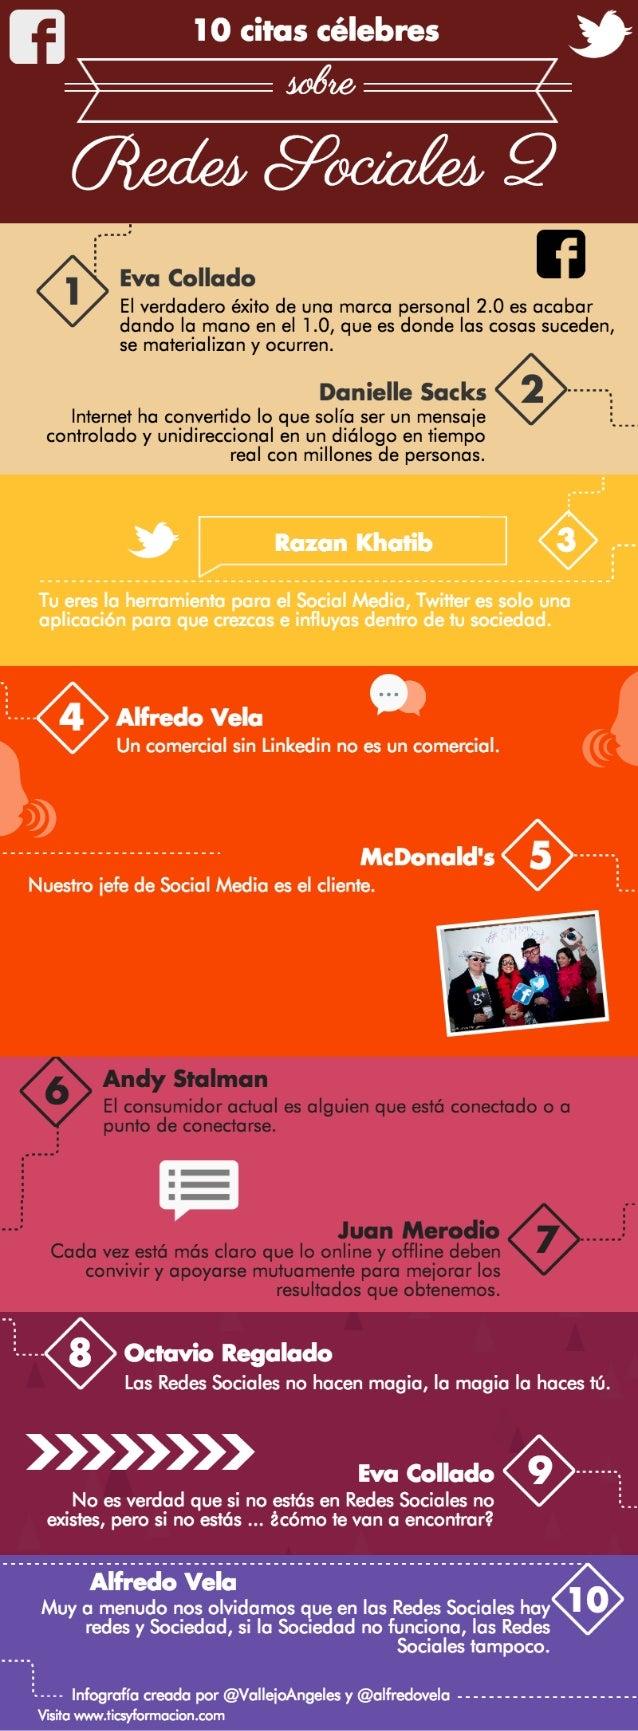 10 citas célebres sobre Redes Sociales II